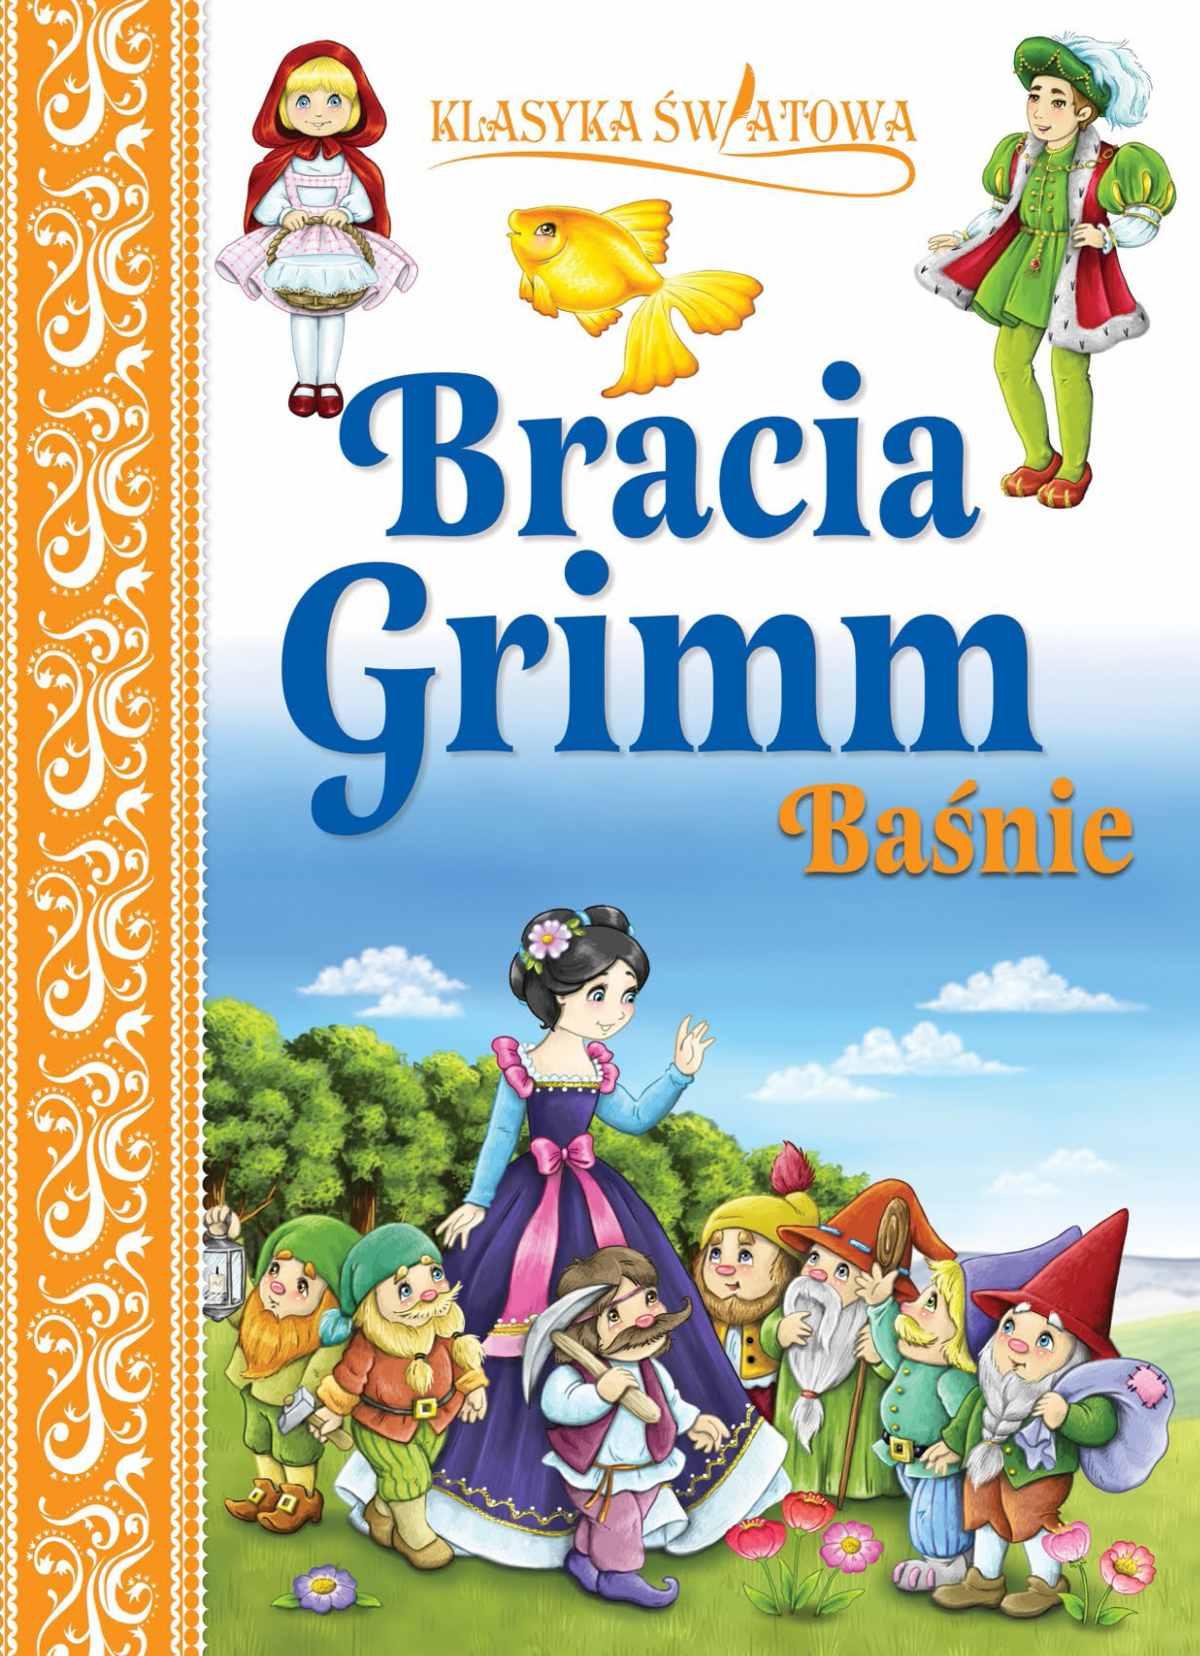 Klasyka światowa. Bracia Grimm Baśnie - Ebook (Książka PDF) do pobrania w formacie PDF